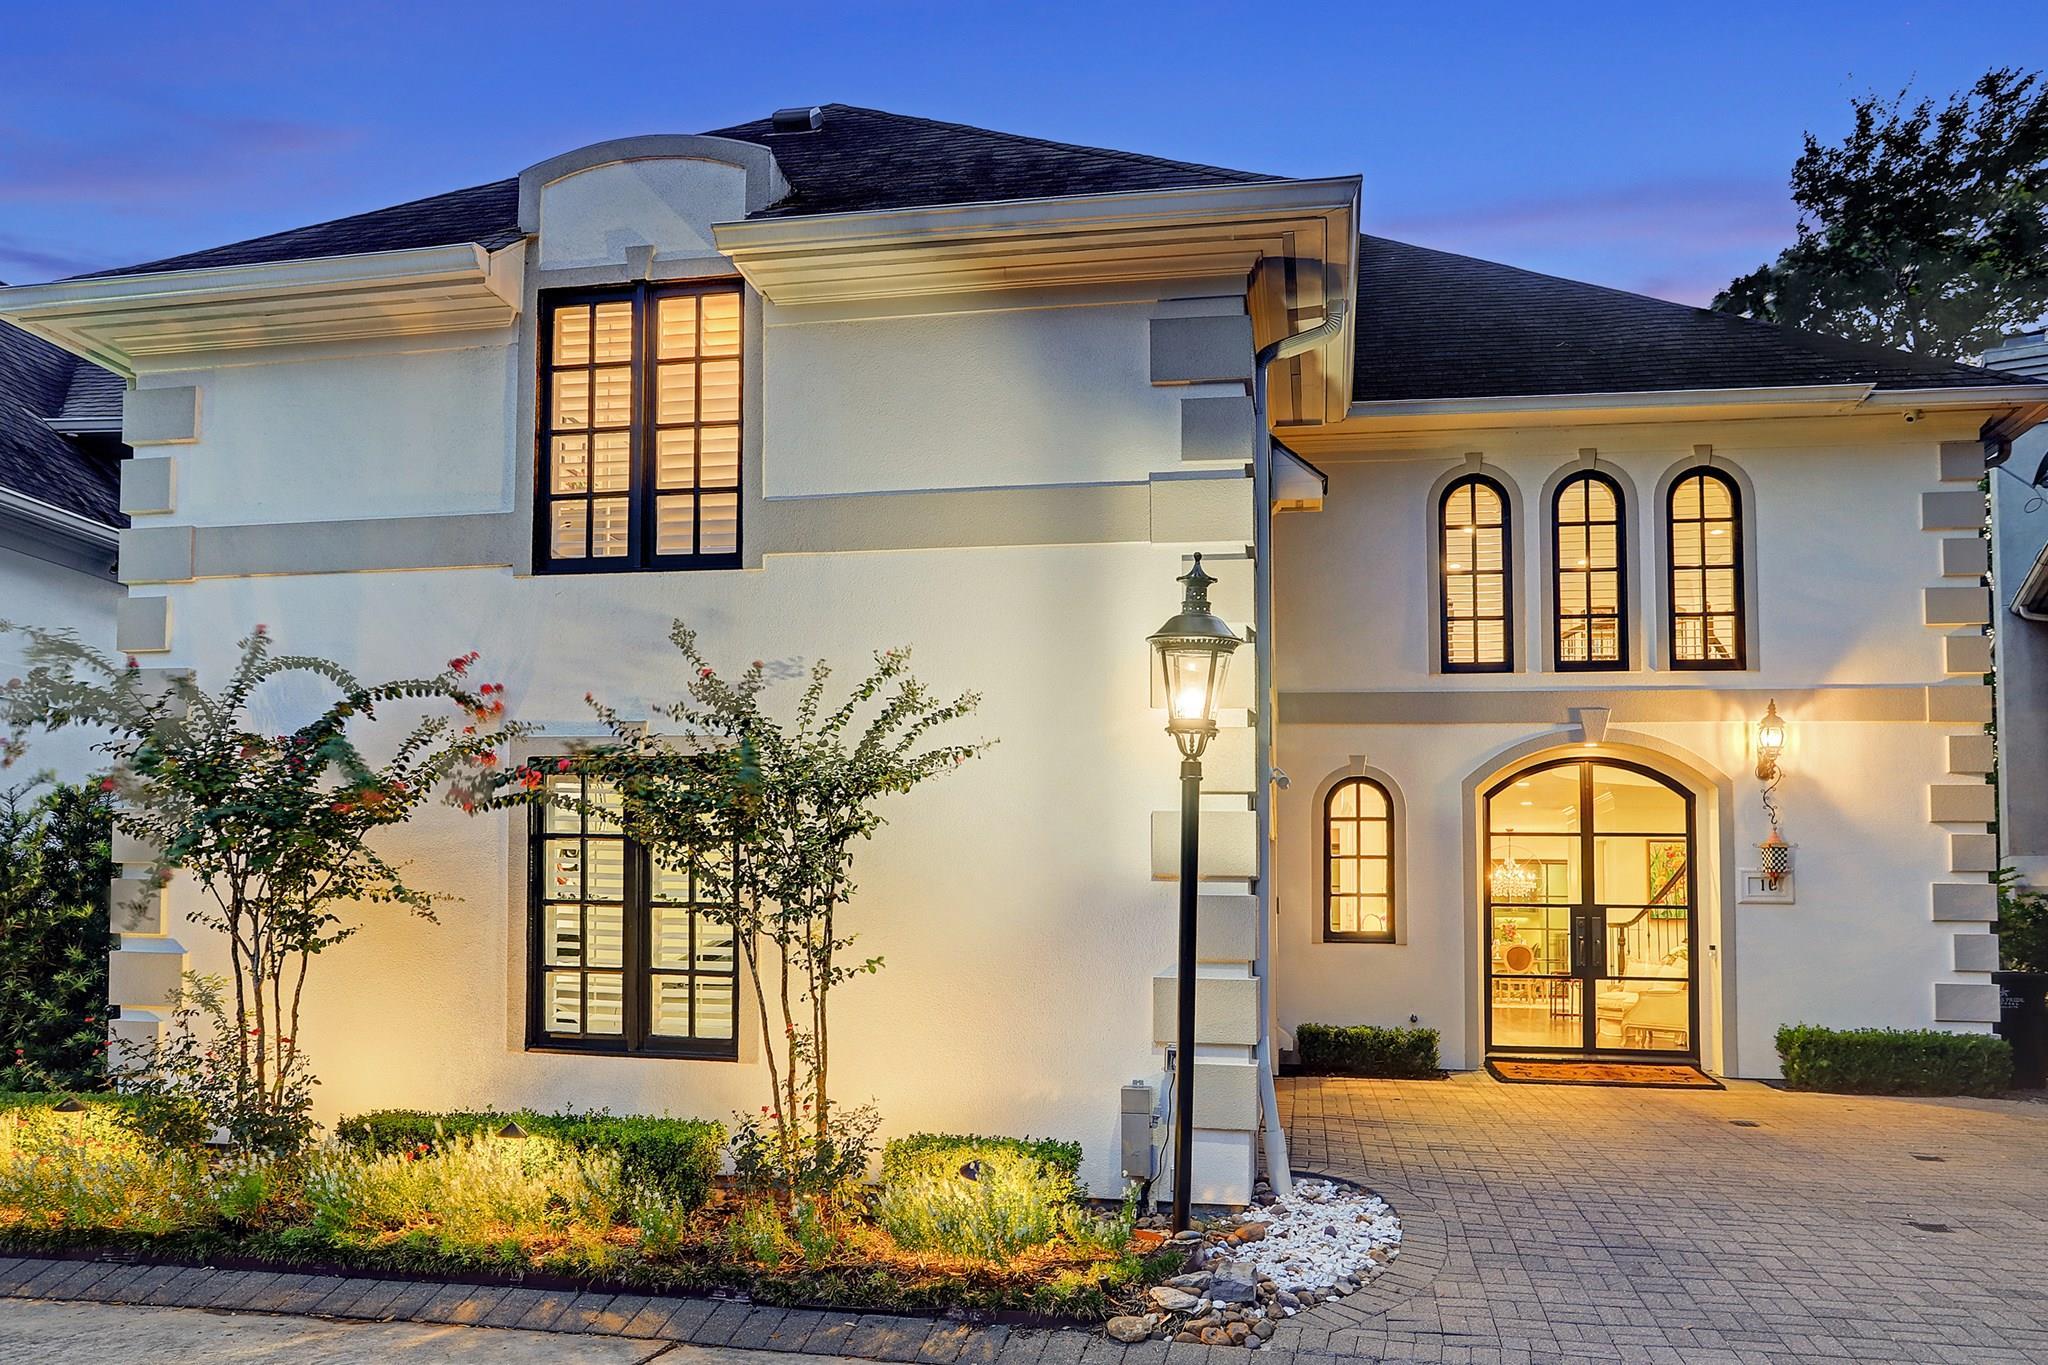 10 Marilane Street Property Photo - Houston, TX real estate listing